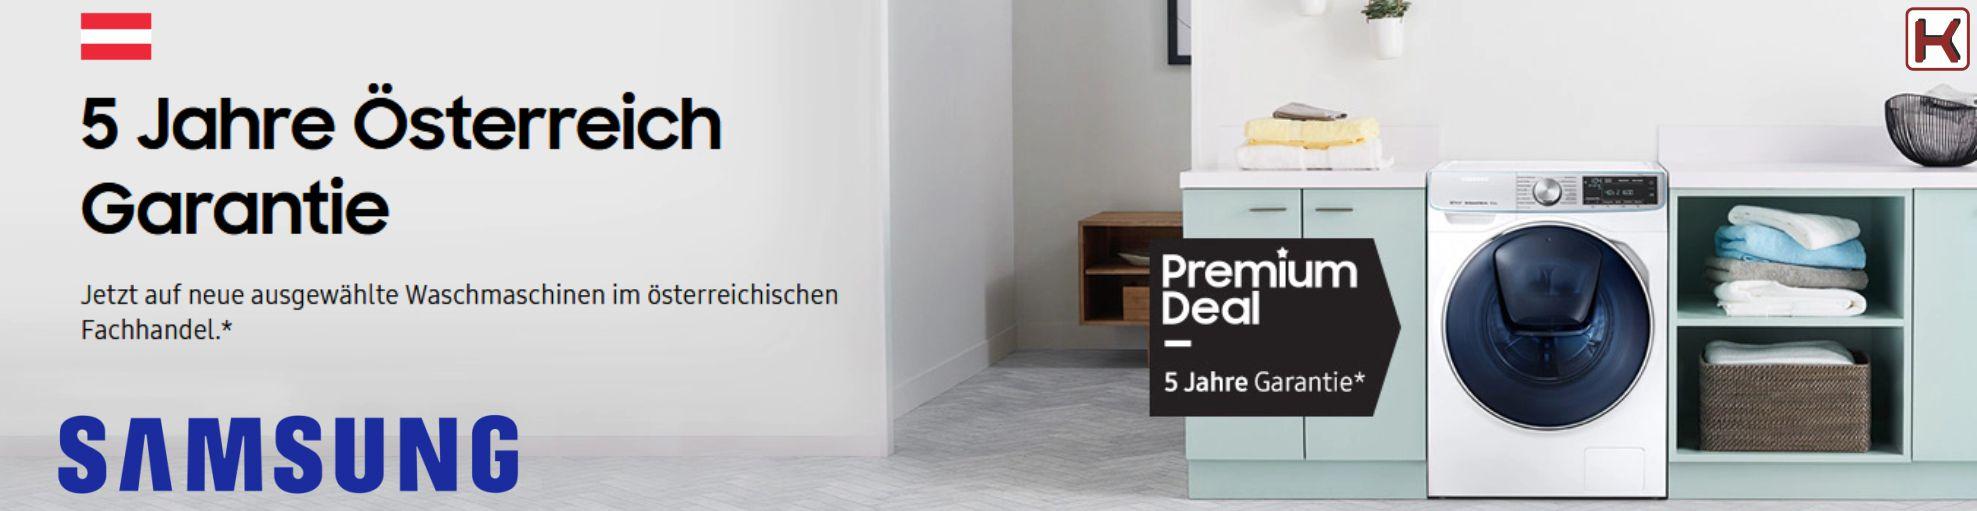 Samsung 5 Jahre Österreich Garantie